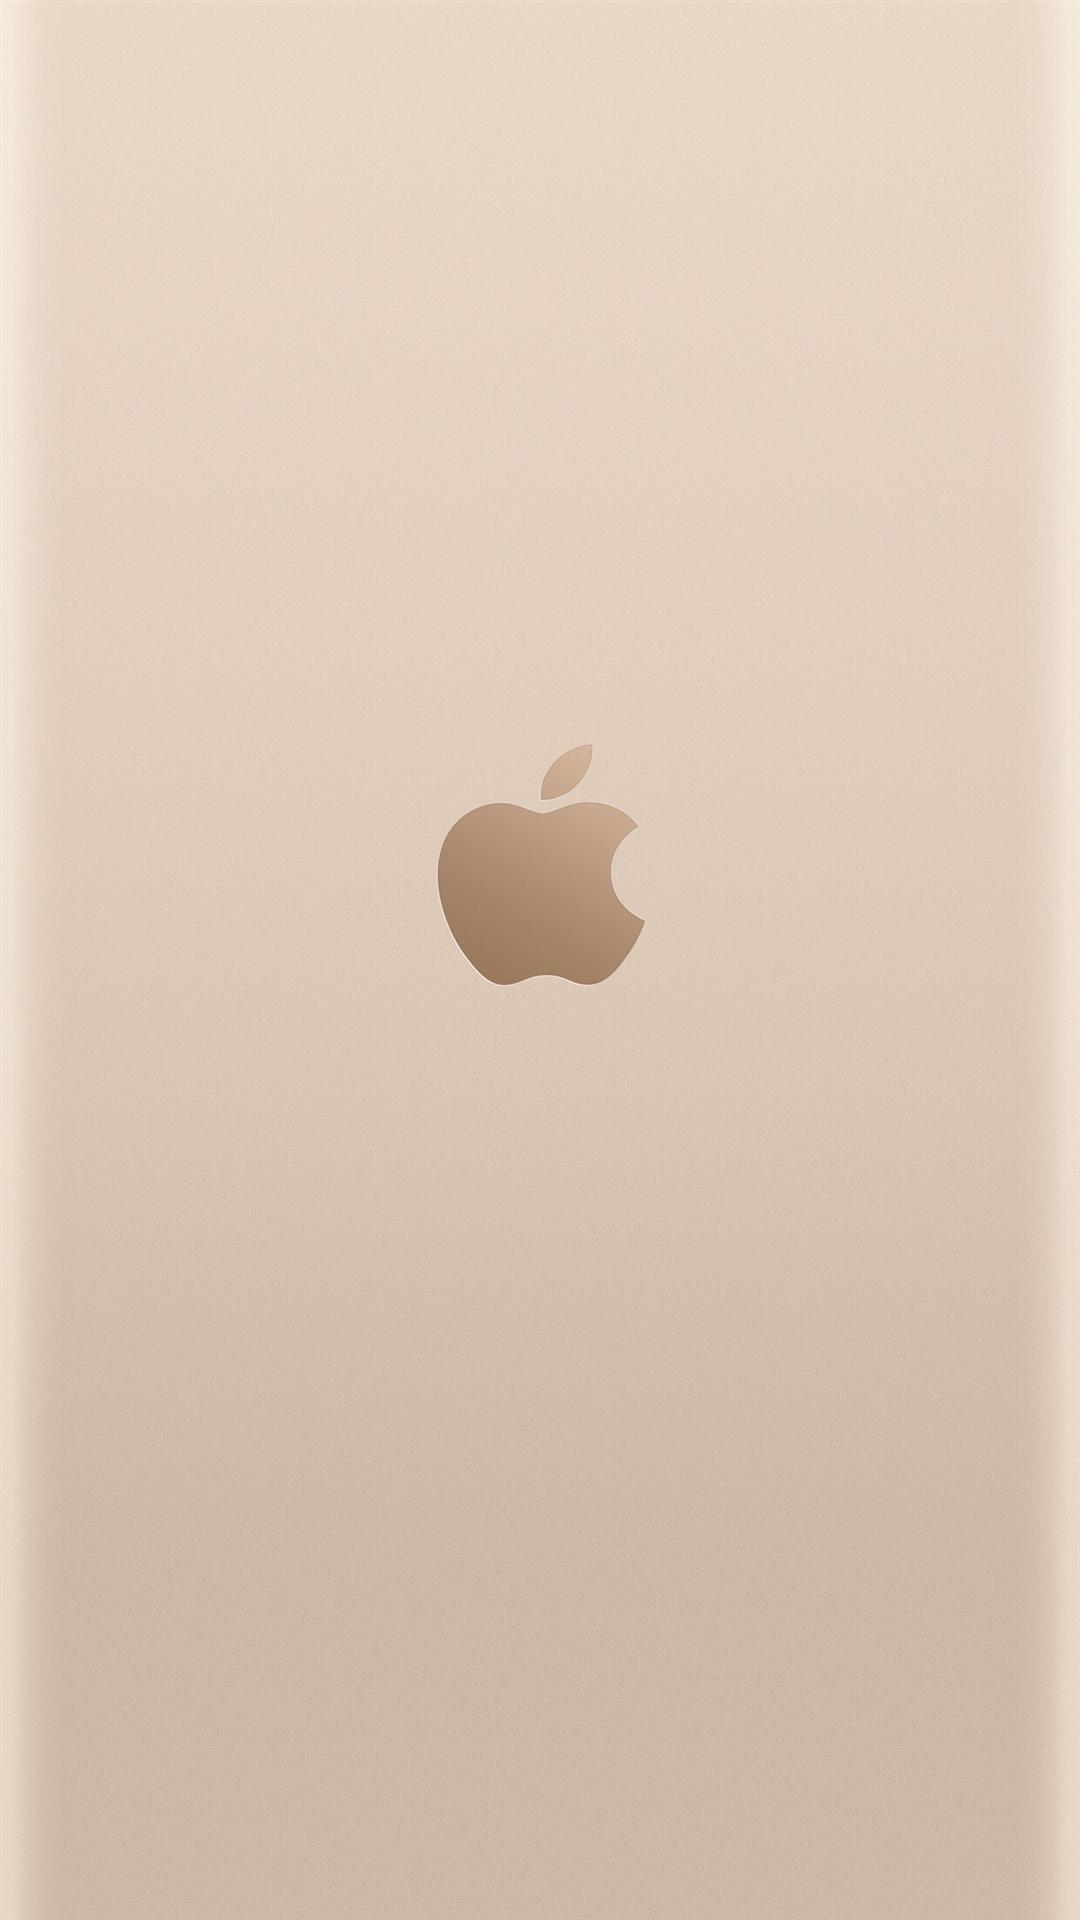 科技 藍色 黑色 線點 空間 夢幻 蘋果手機高清壁紙 x